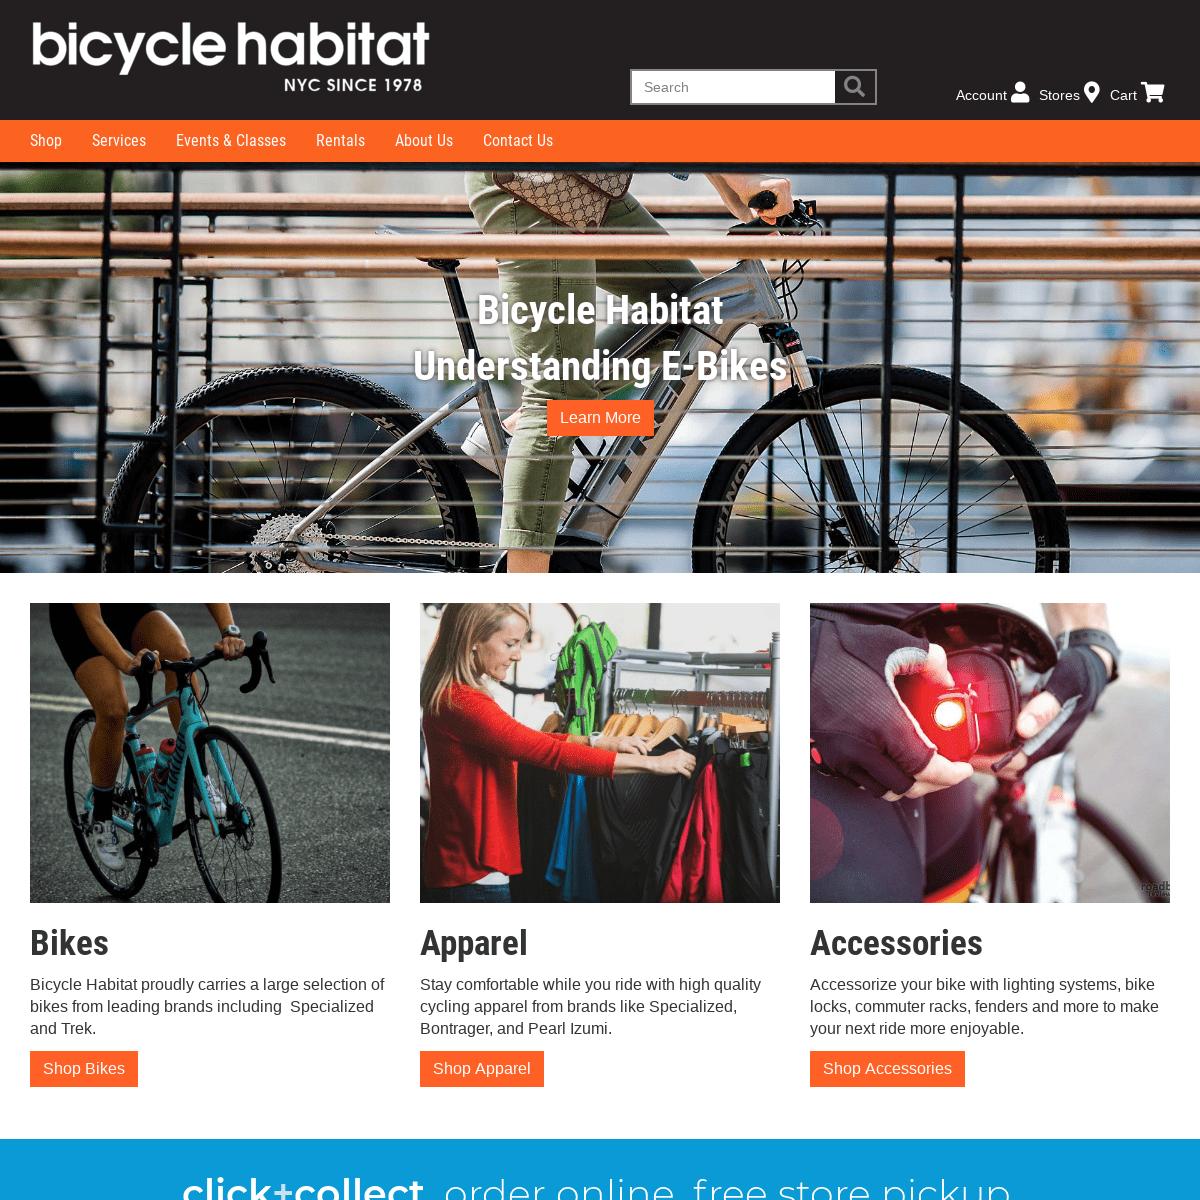 Bicycle Habitat - Bike Repair, Bike Rental, Bike Fitting - New York City